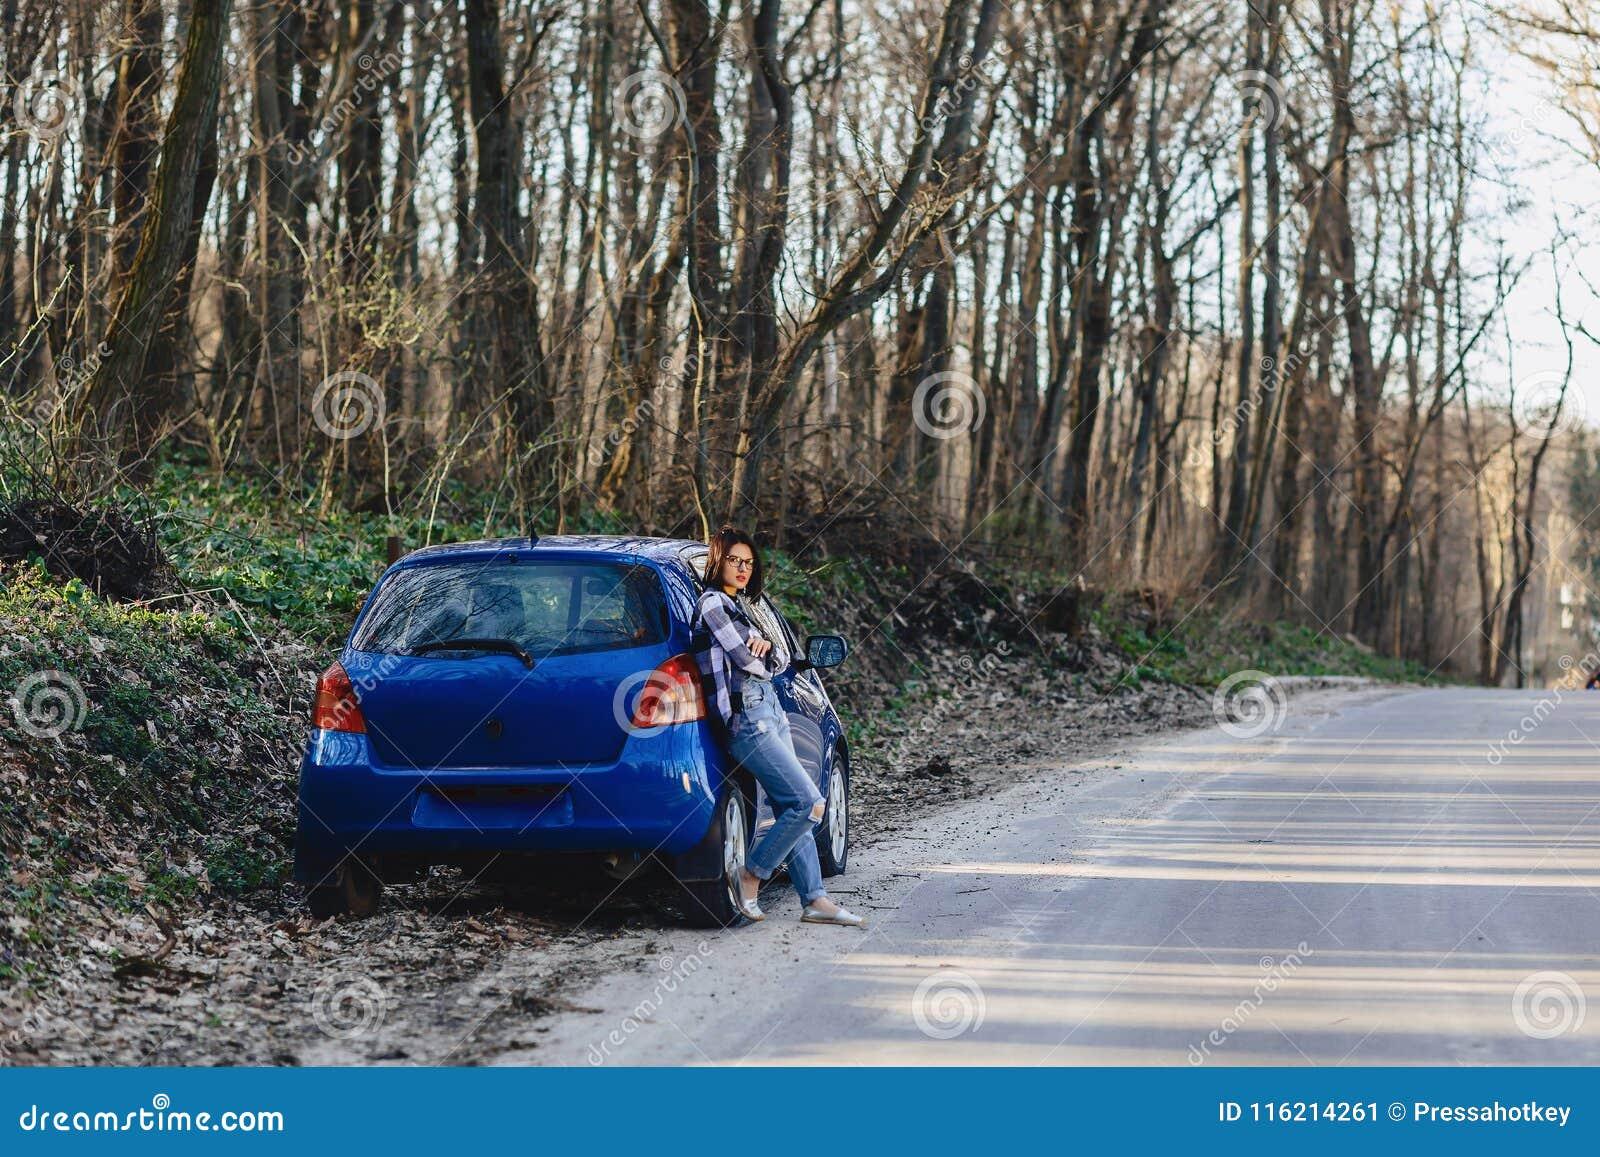 Привлекательная маленькая девочка на дороге около автомобиля